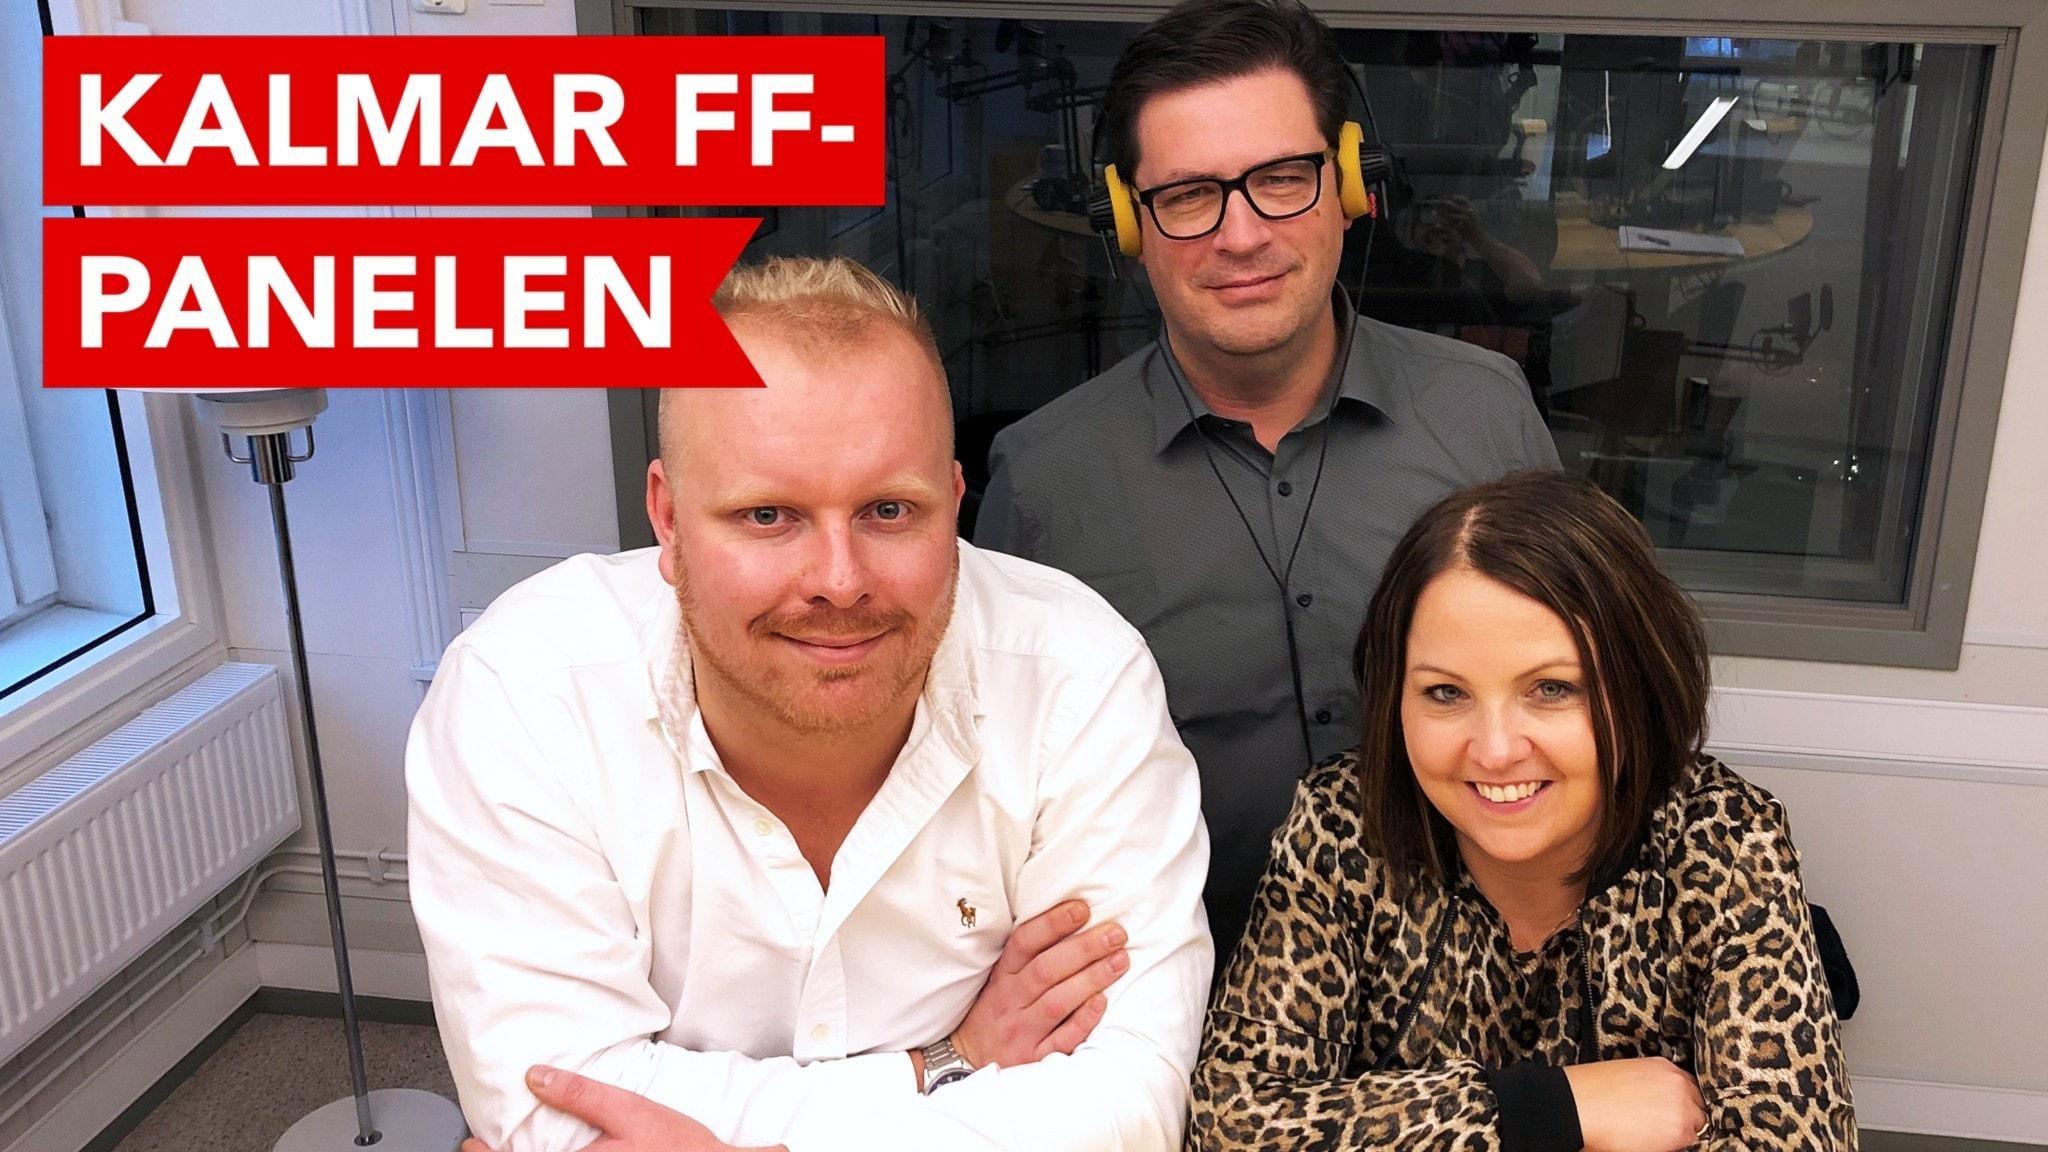 Musik, teater och nje i Kalmar 41 trffar - Evenemang